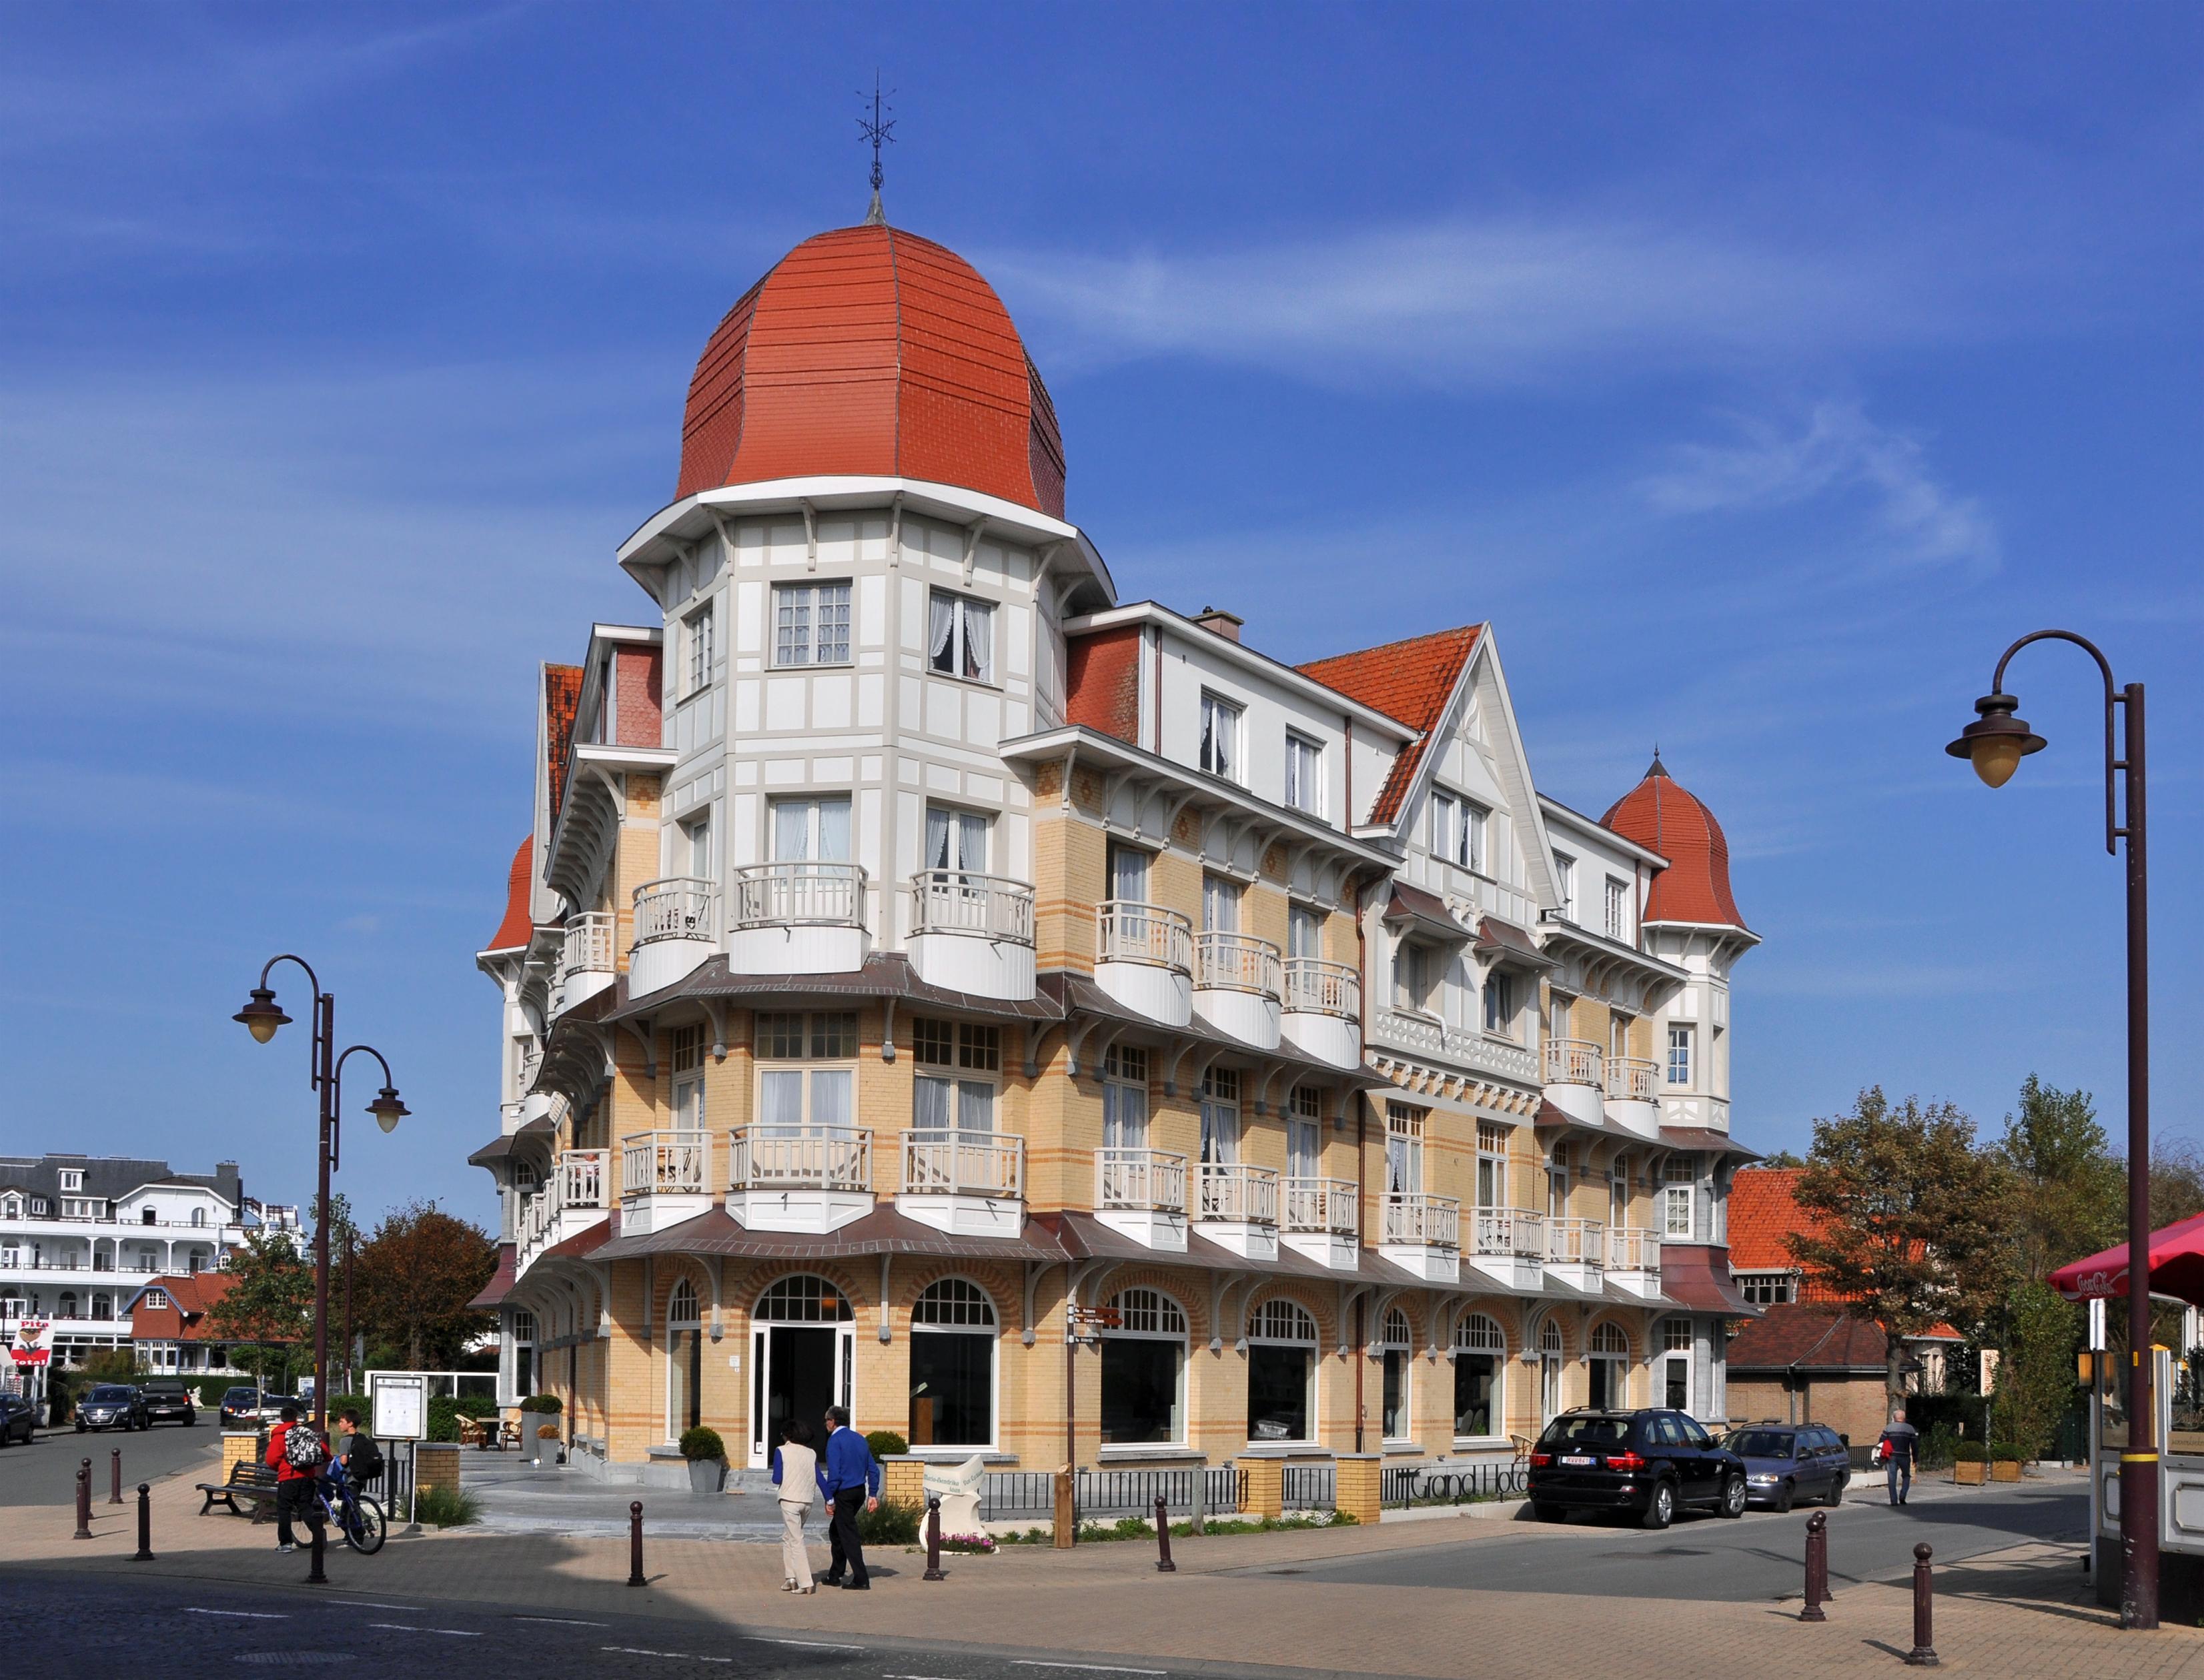 Hotel Le Coq Paris